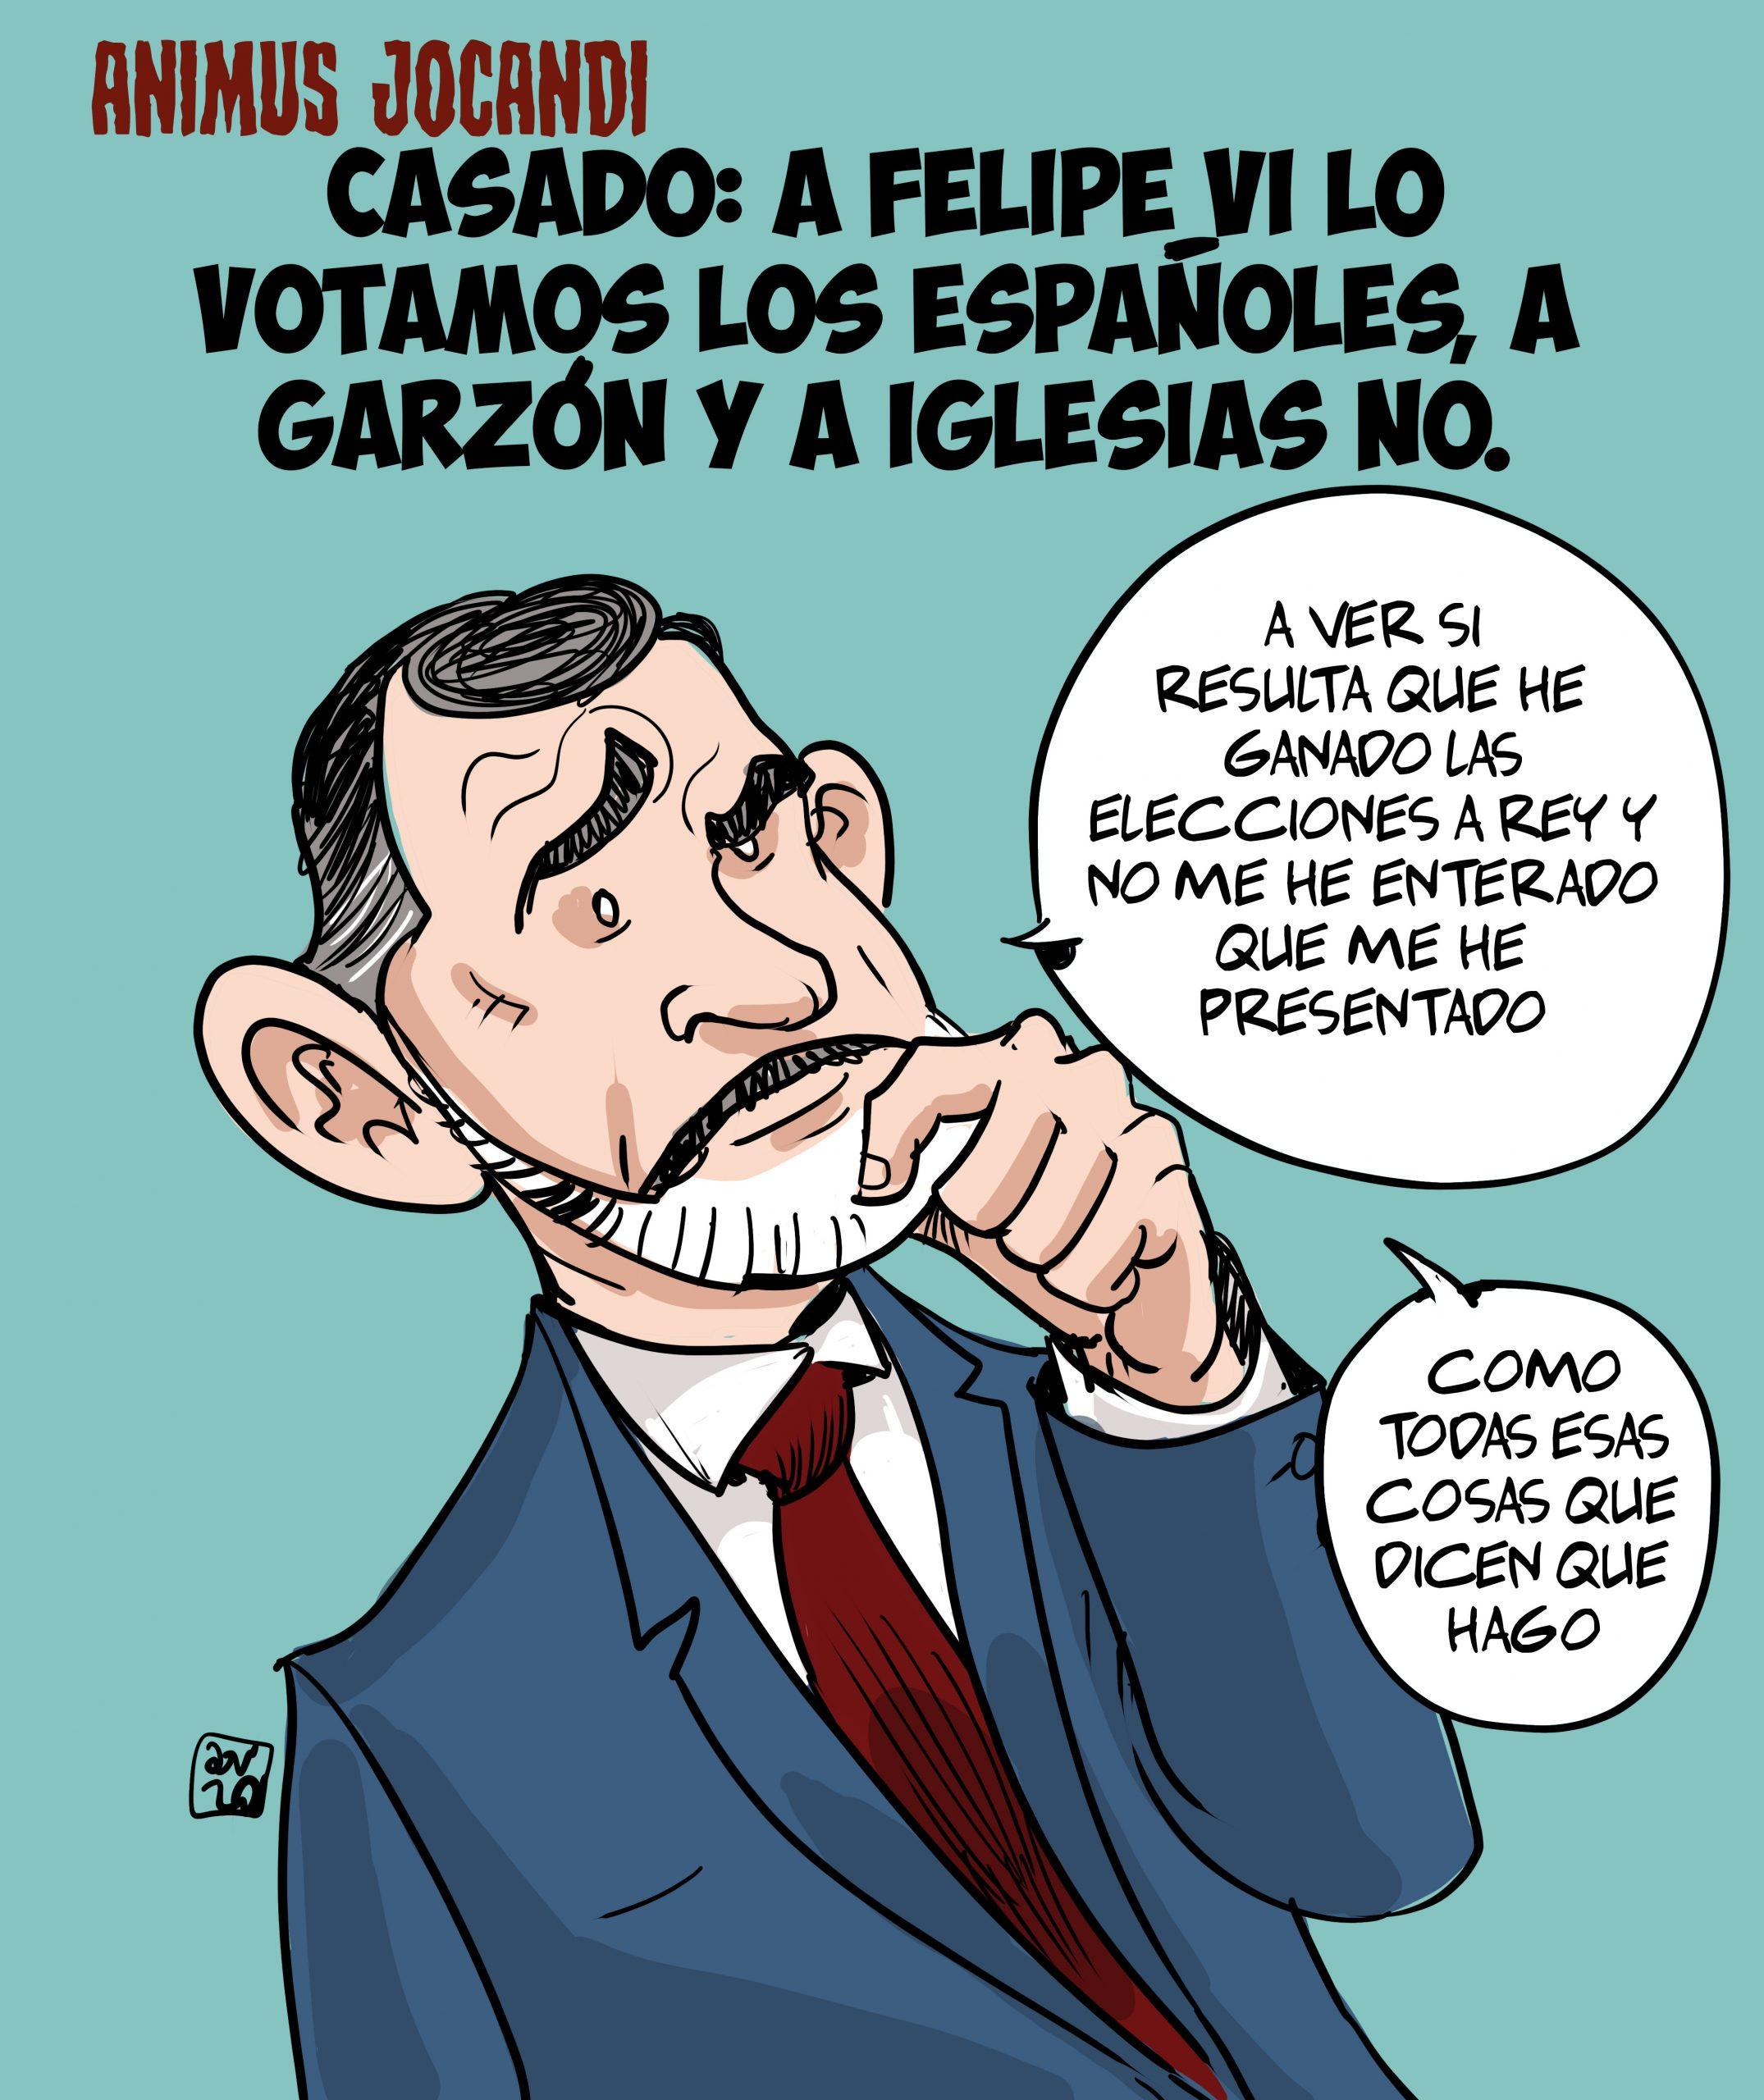 Casado: A Felipe VI lo votamos los españoles, a Garzón y a Iglesias no.